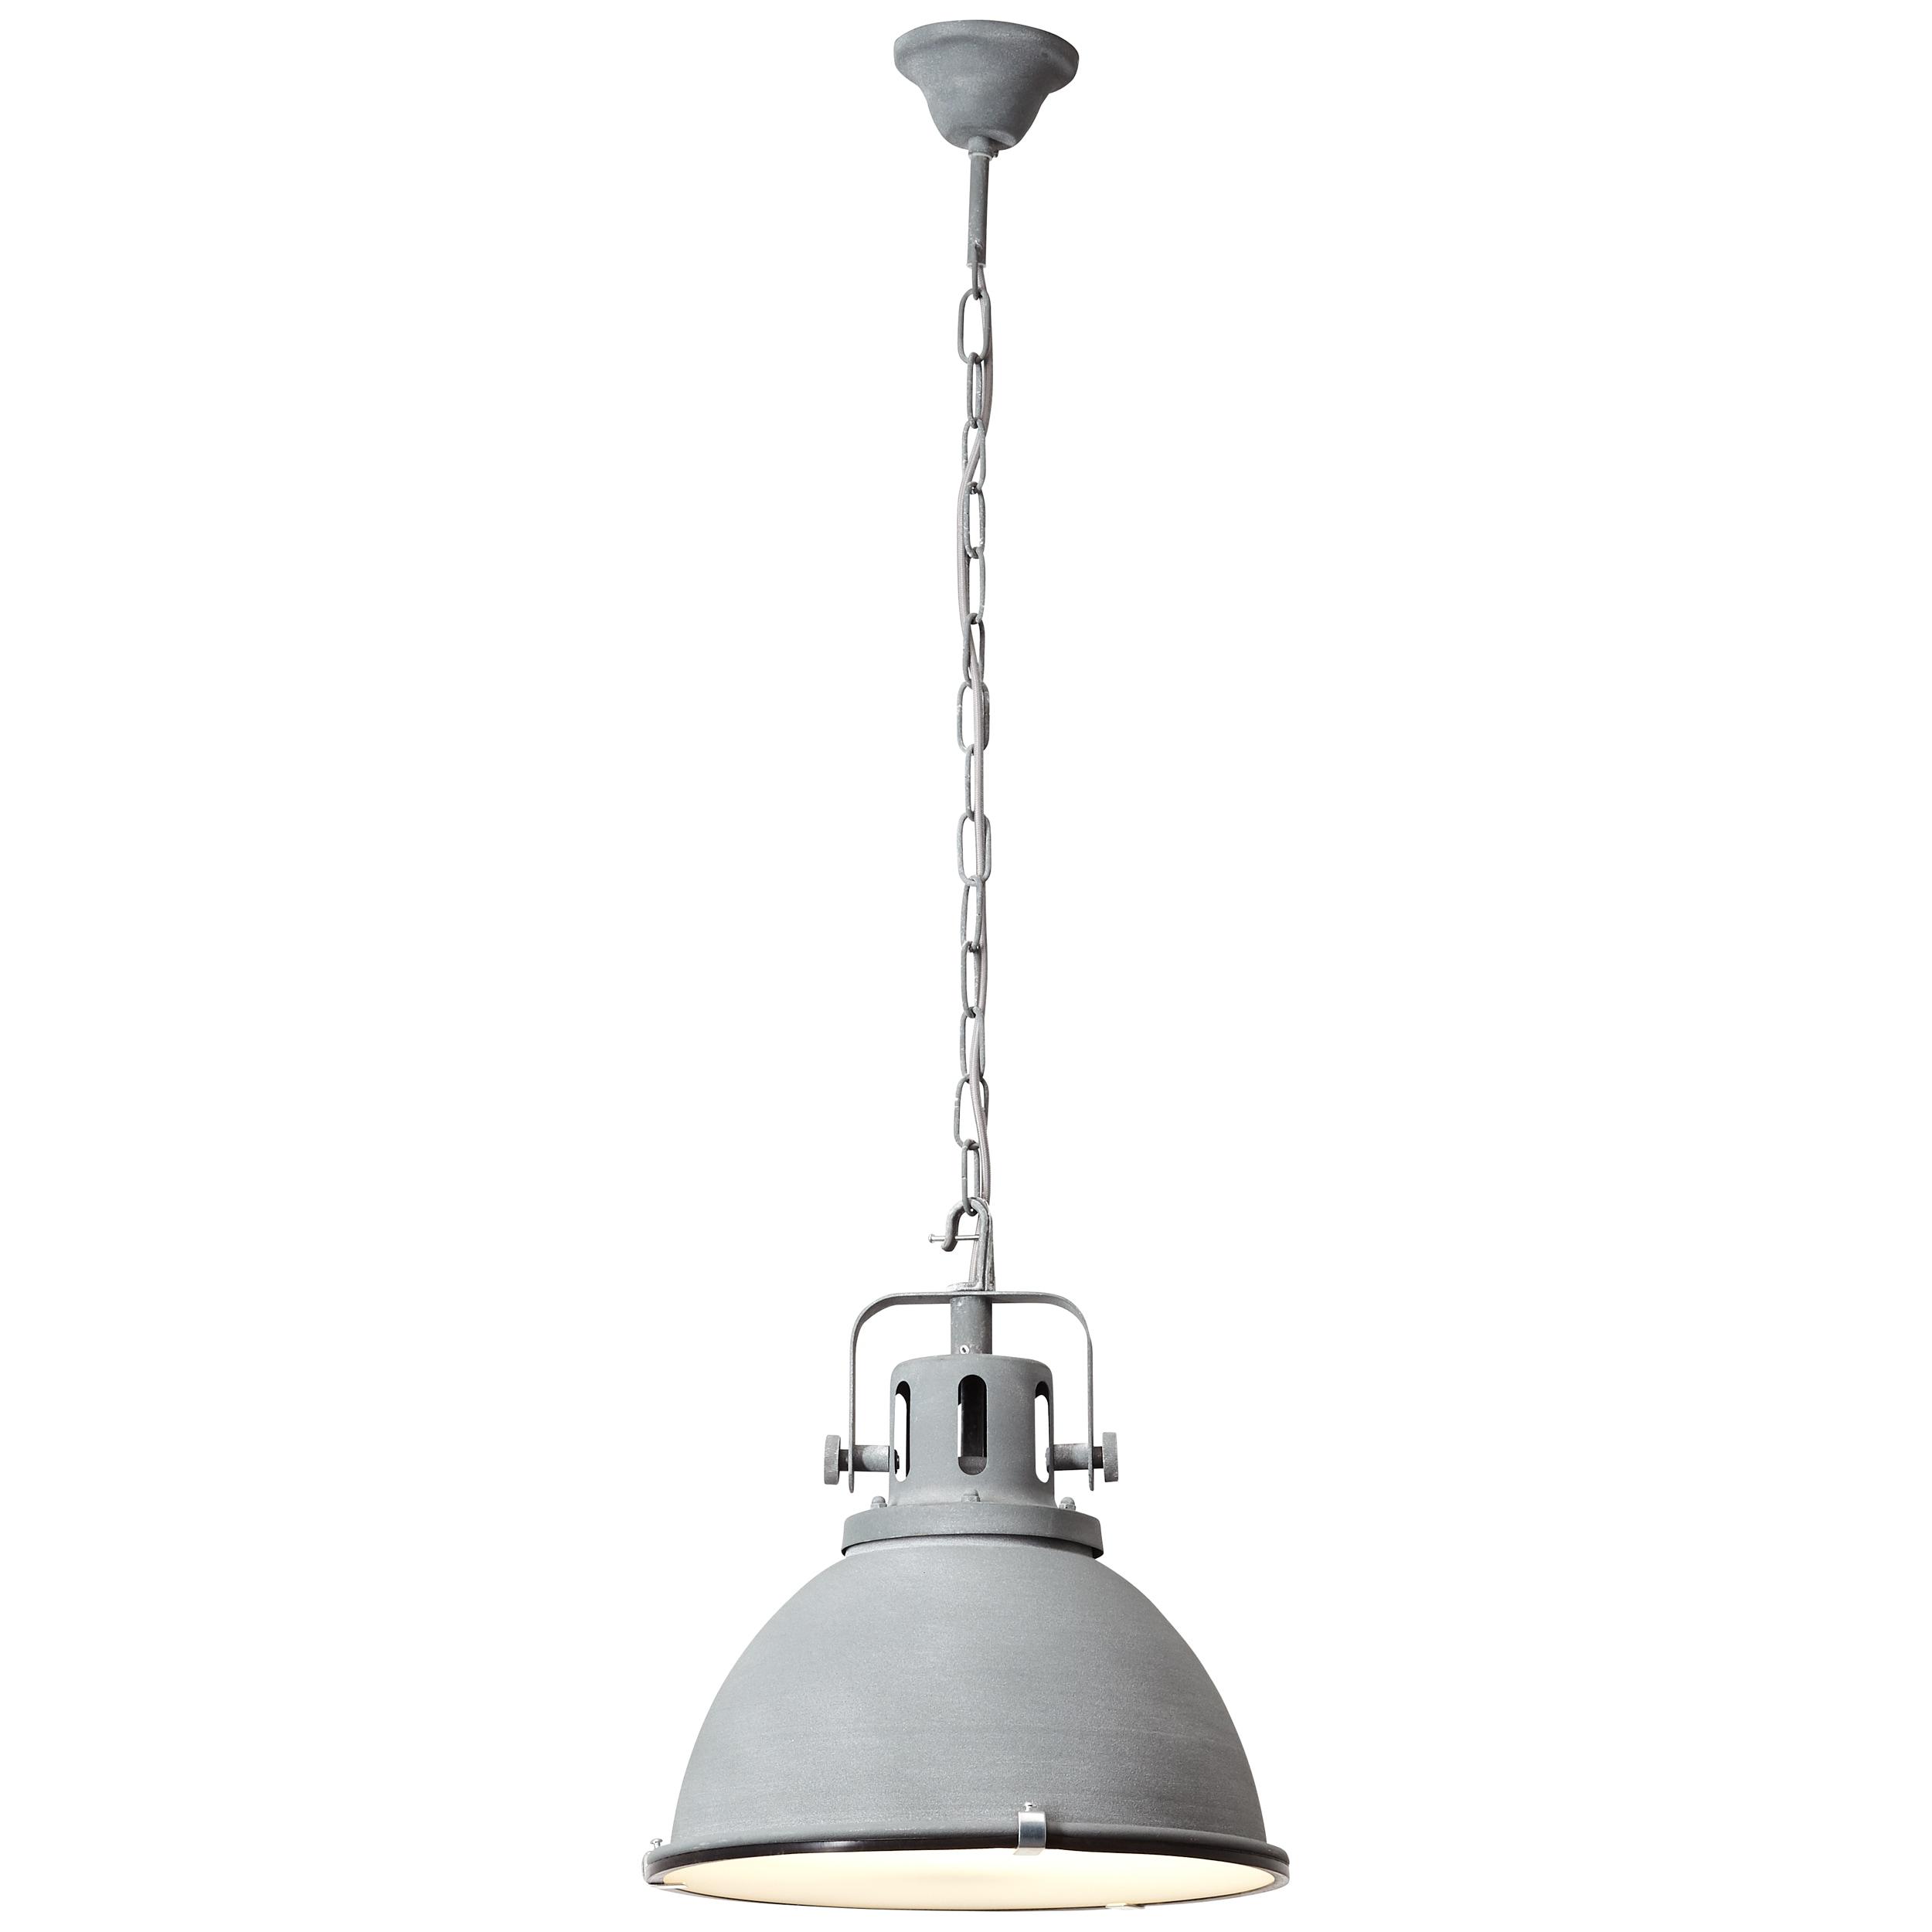 Brilliant Leuchten Deckenleuchten, E27, Jesper Pendelleuchte 38cm Glas grau Beton